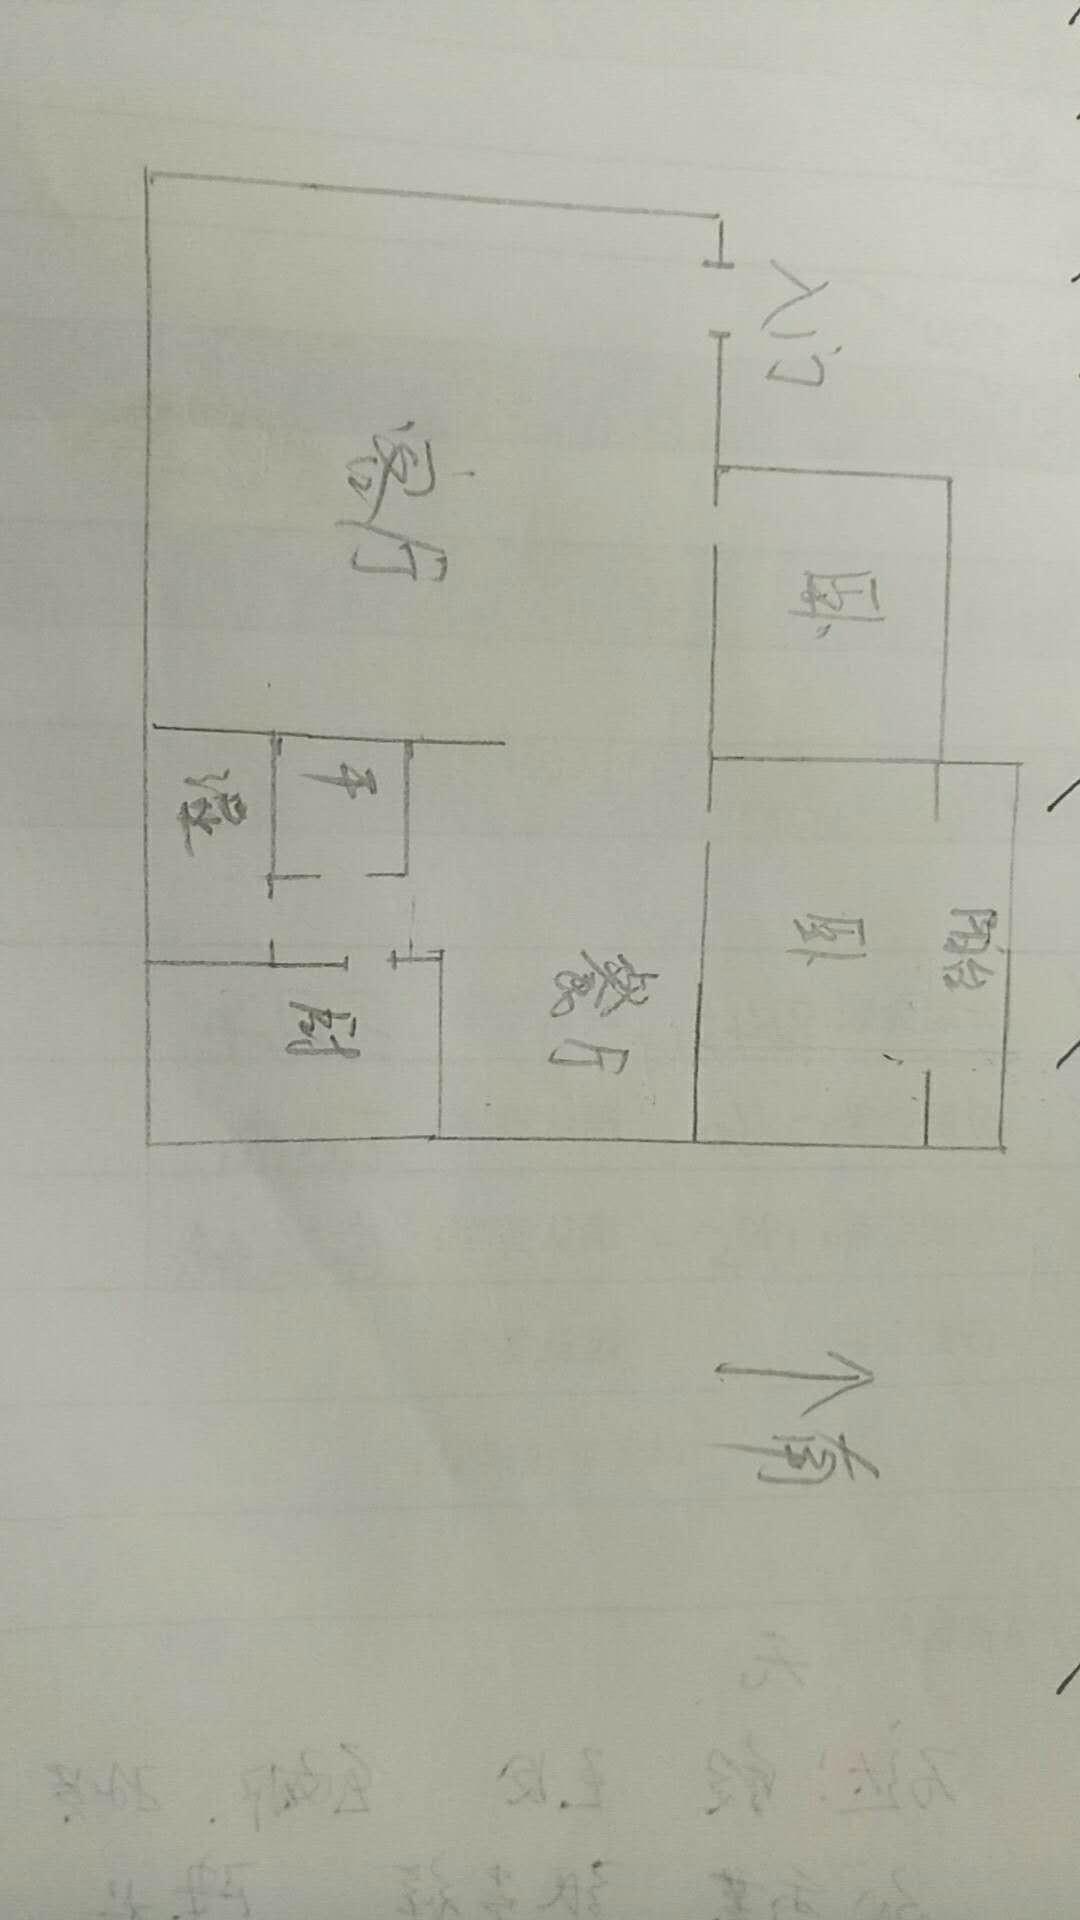 康乐小区 2室2厅 4楼